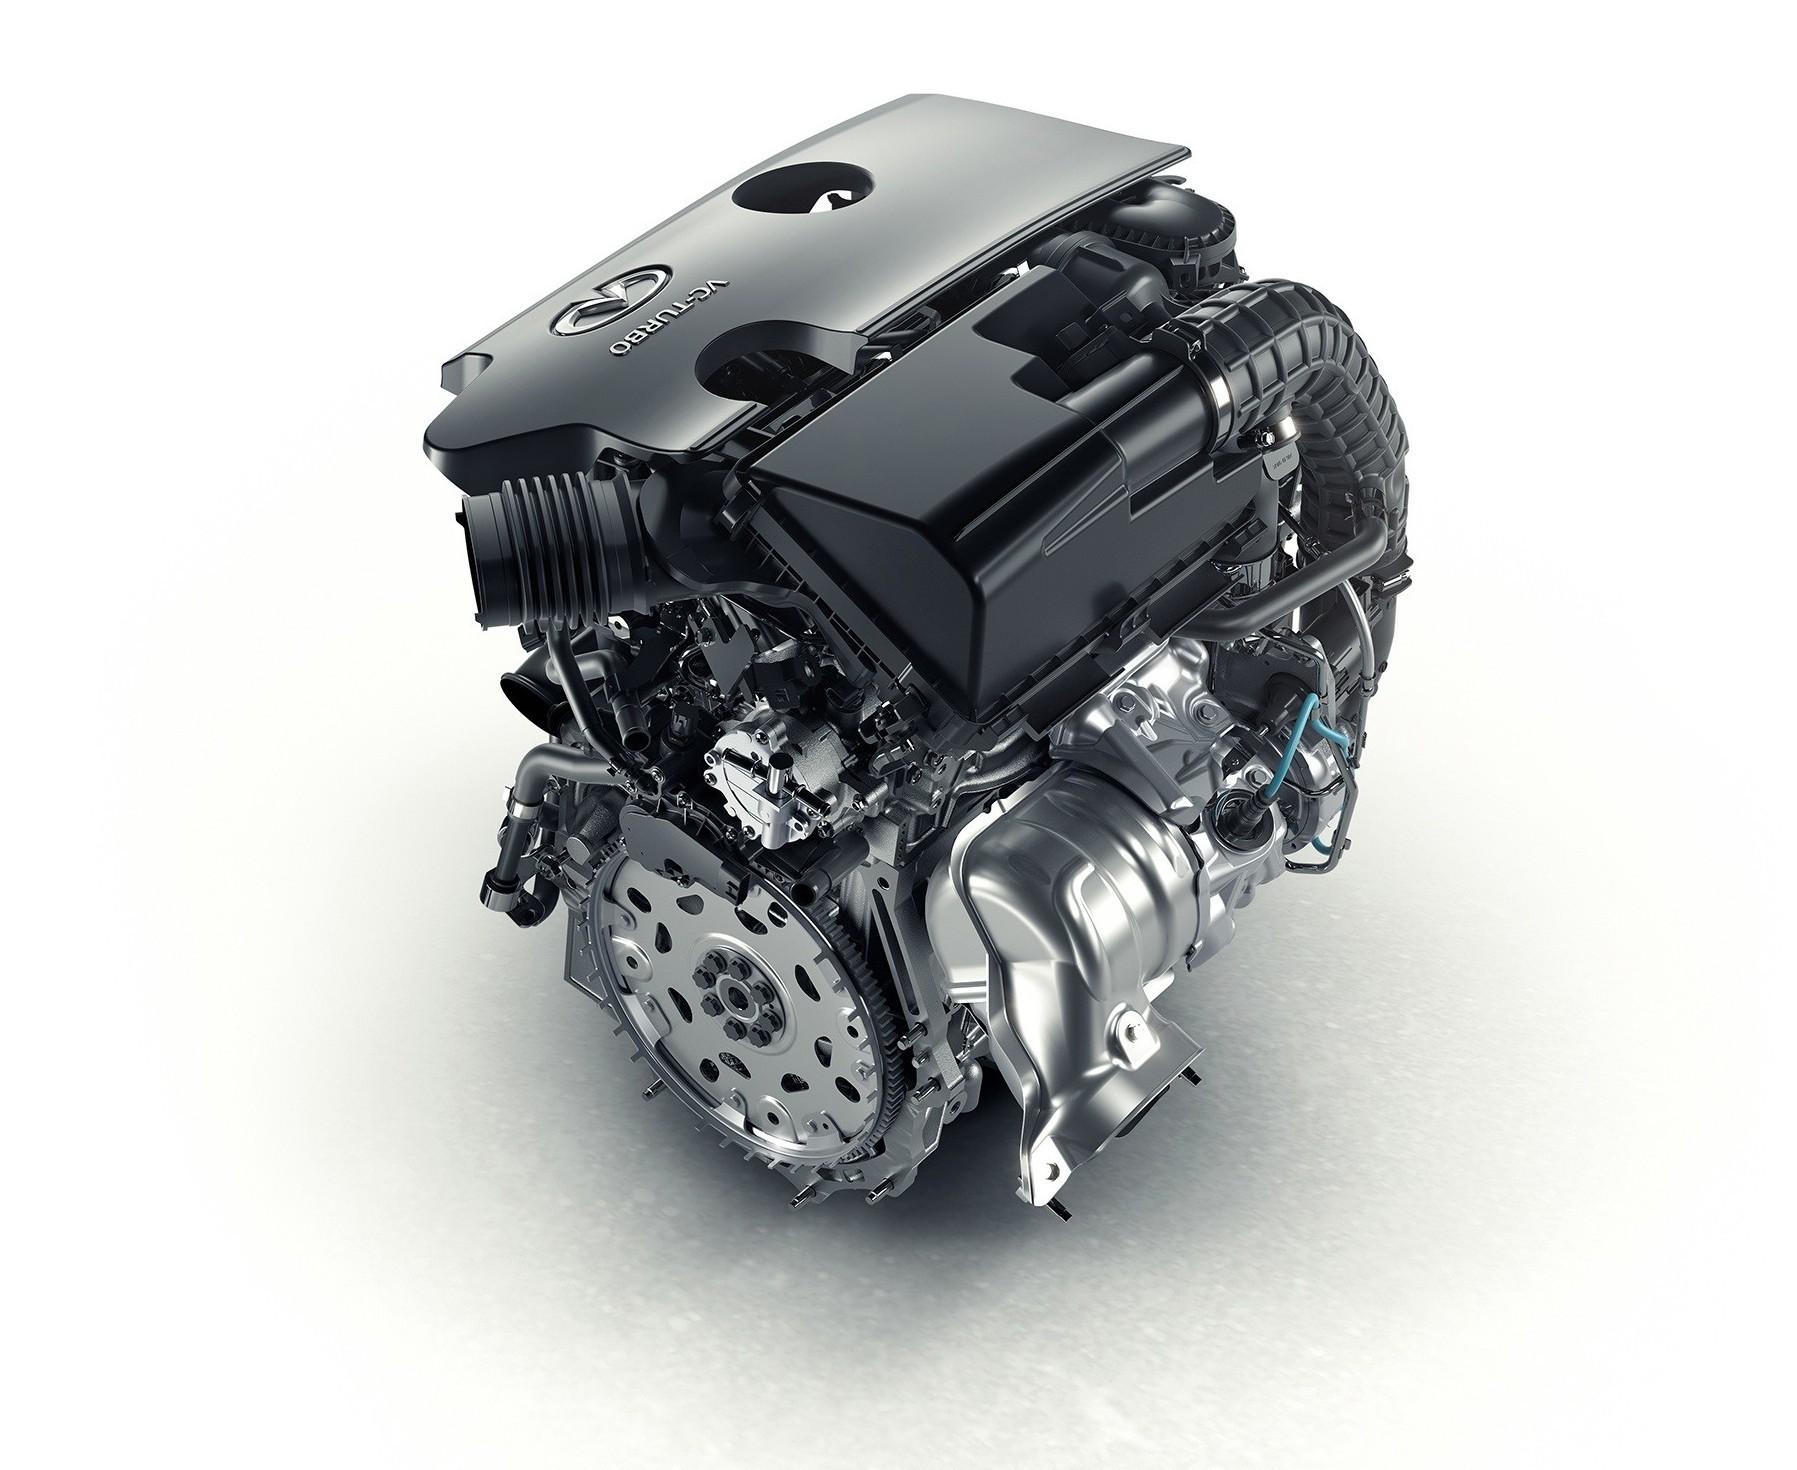 Nissan разработала ДВС с изменяемой степенью сжатия - 1